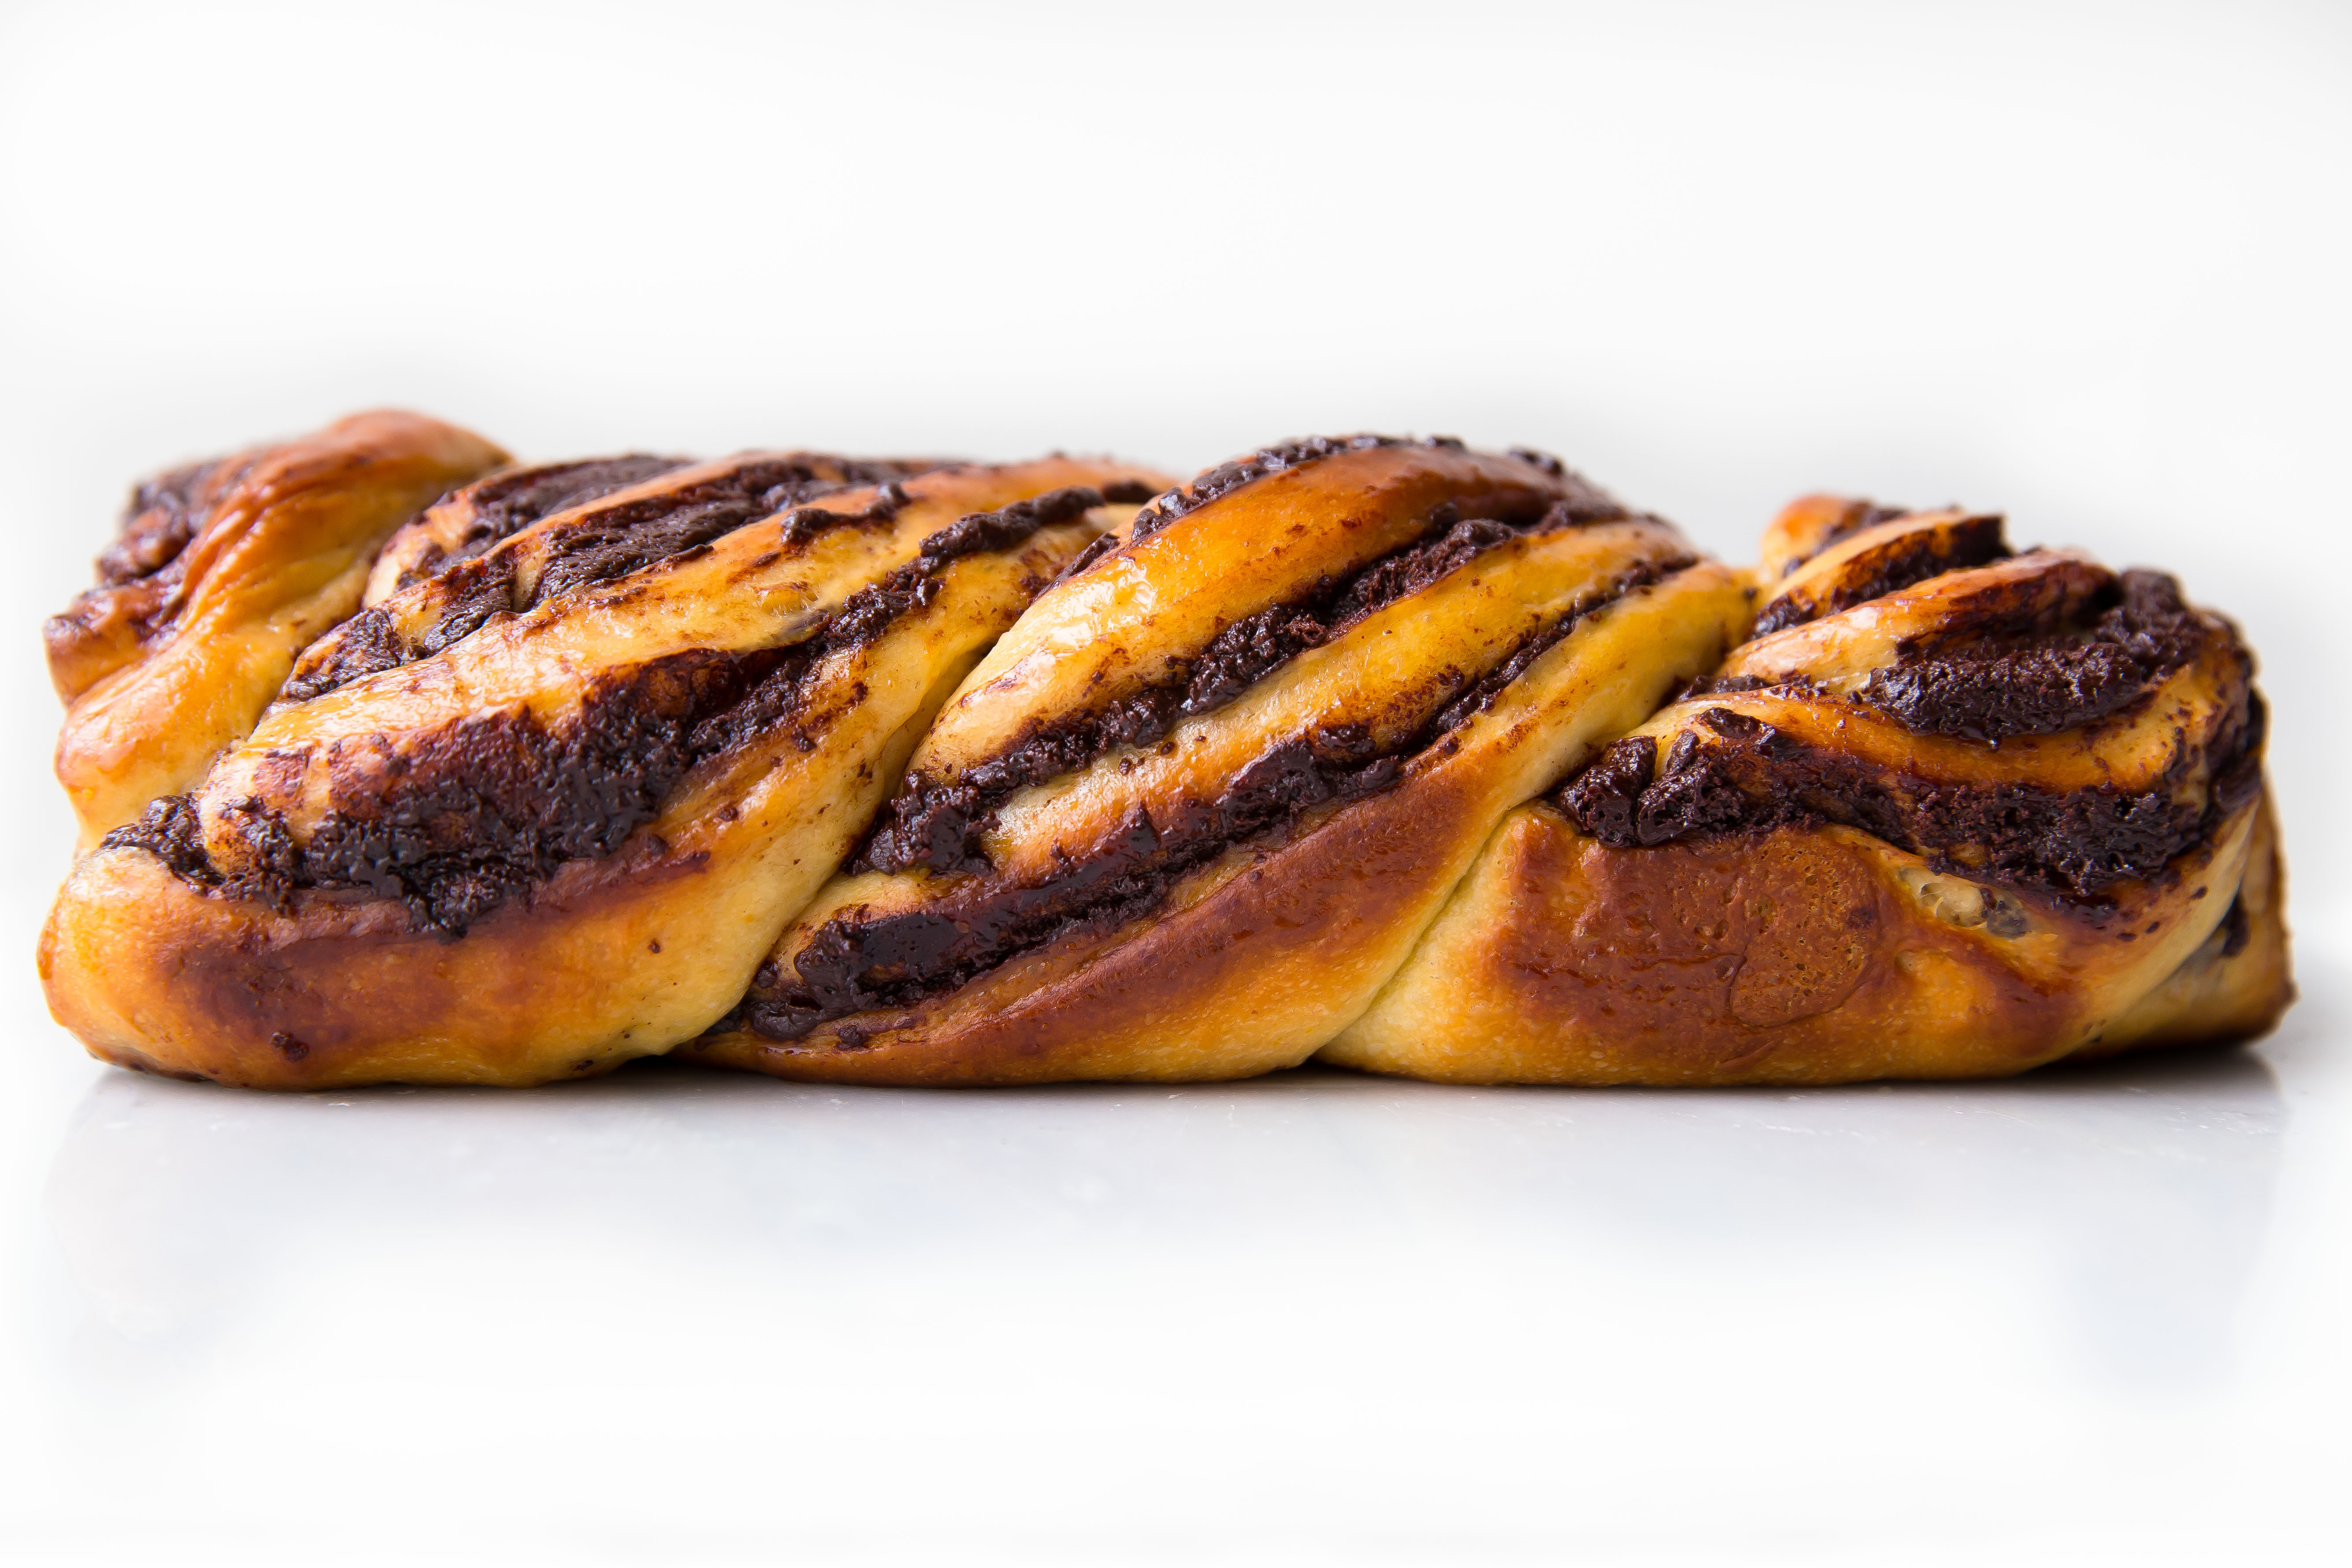 chocolate babka loaf on countertop